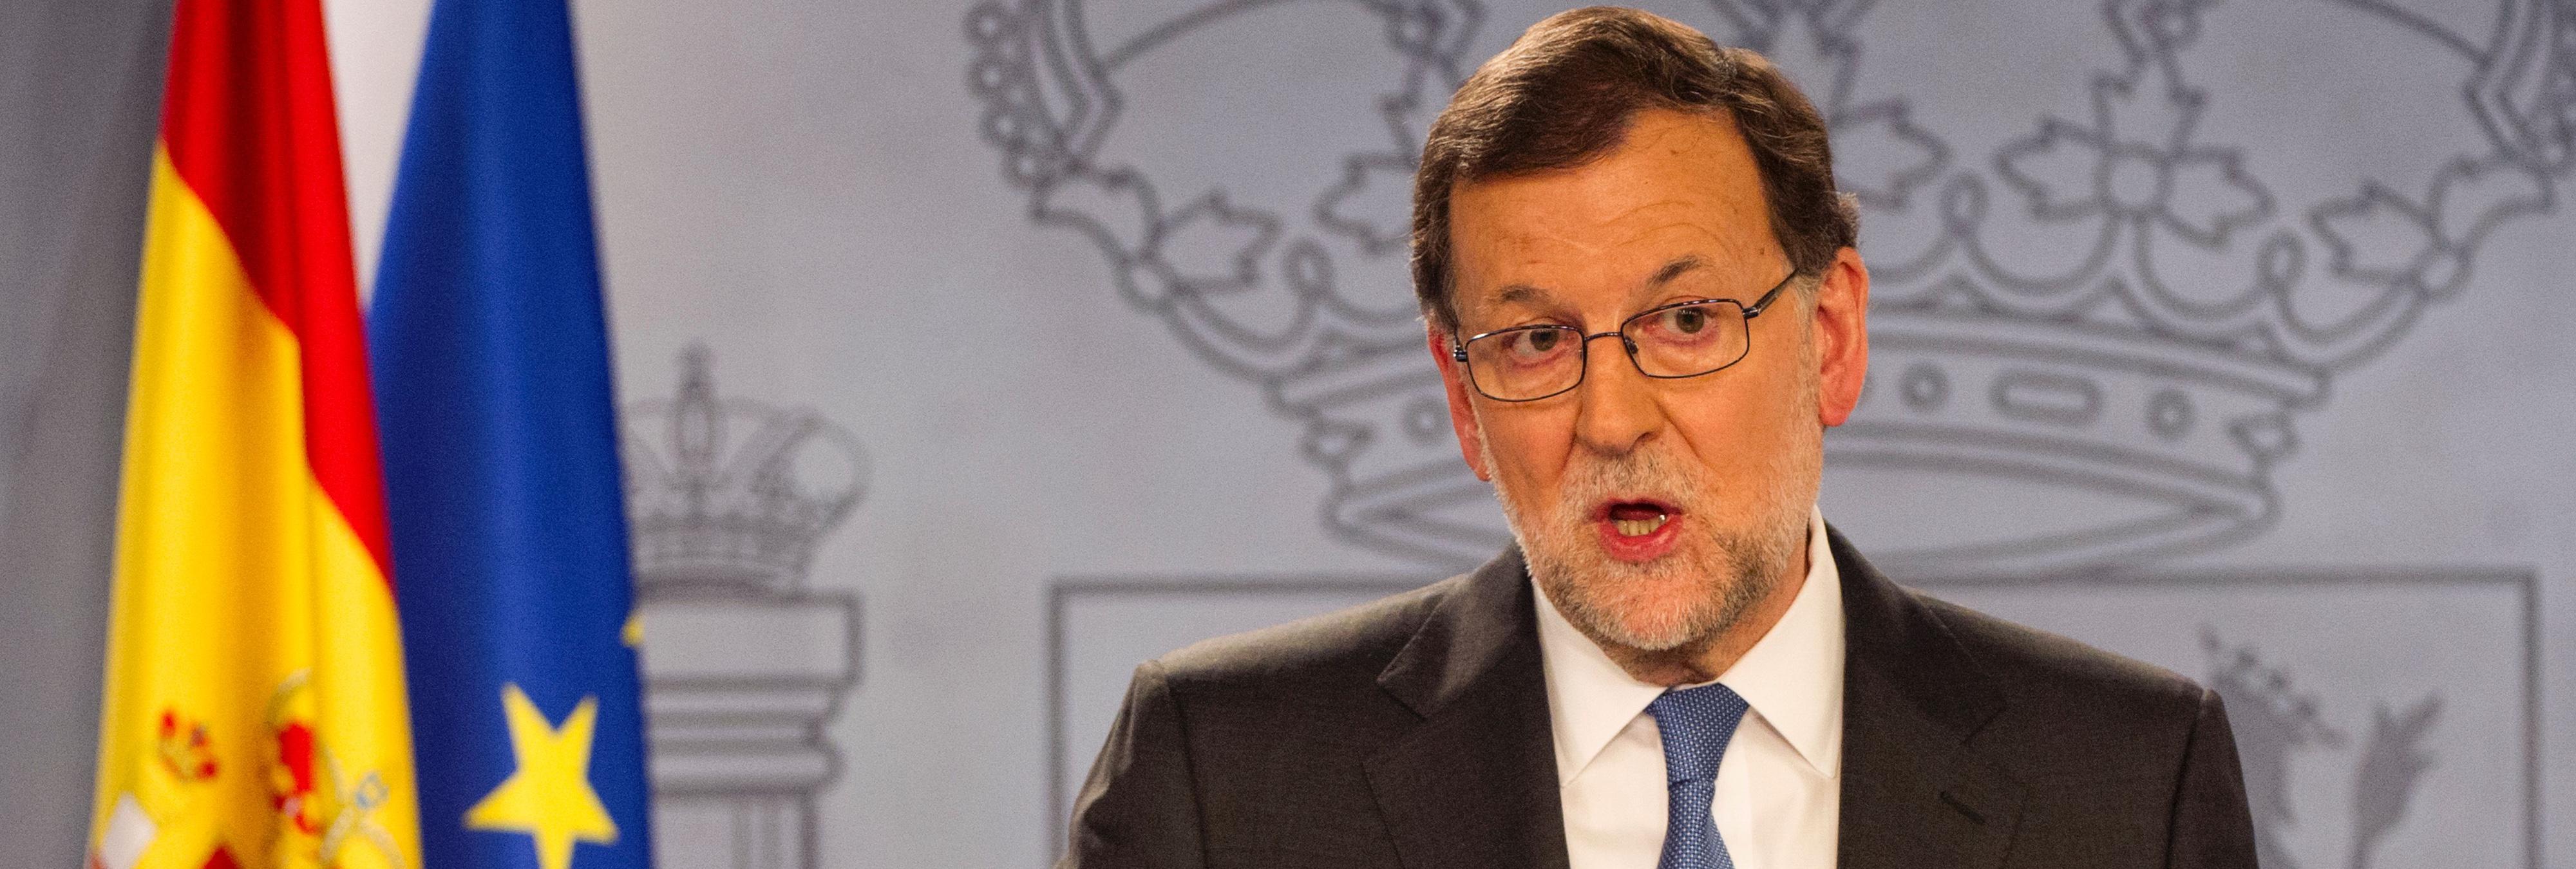 Rajoy promete más recortes a la UE pero lo niega de cara a las elecciones